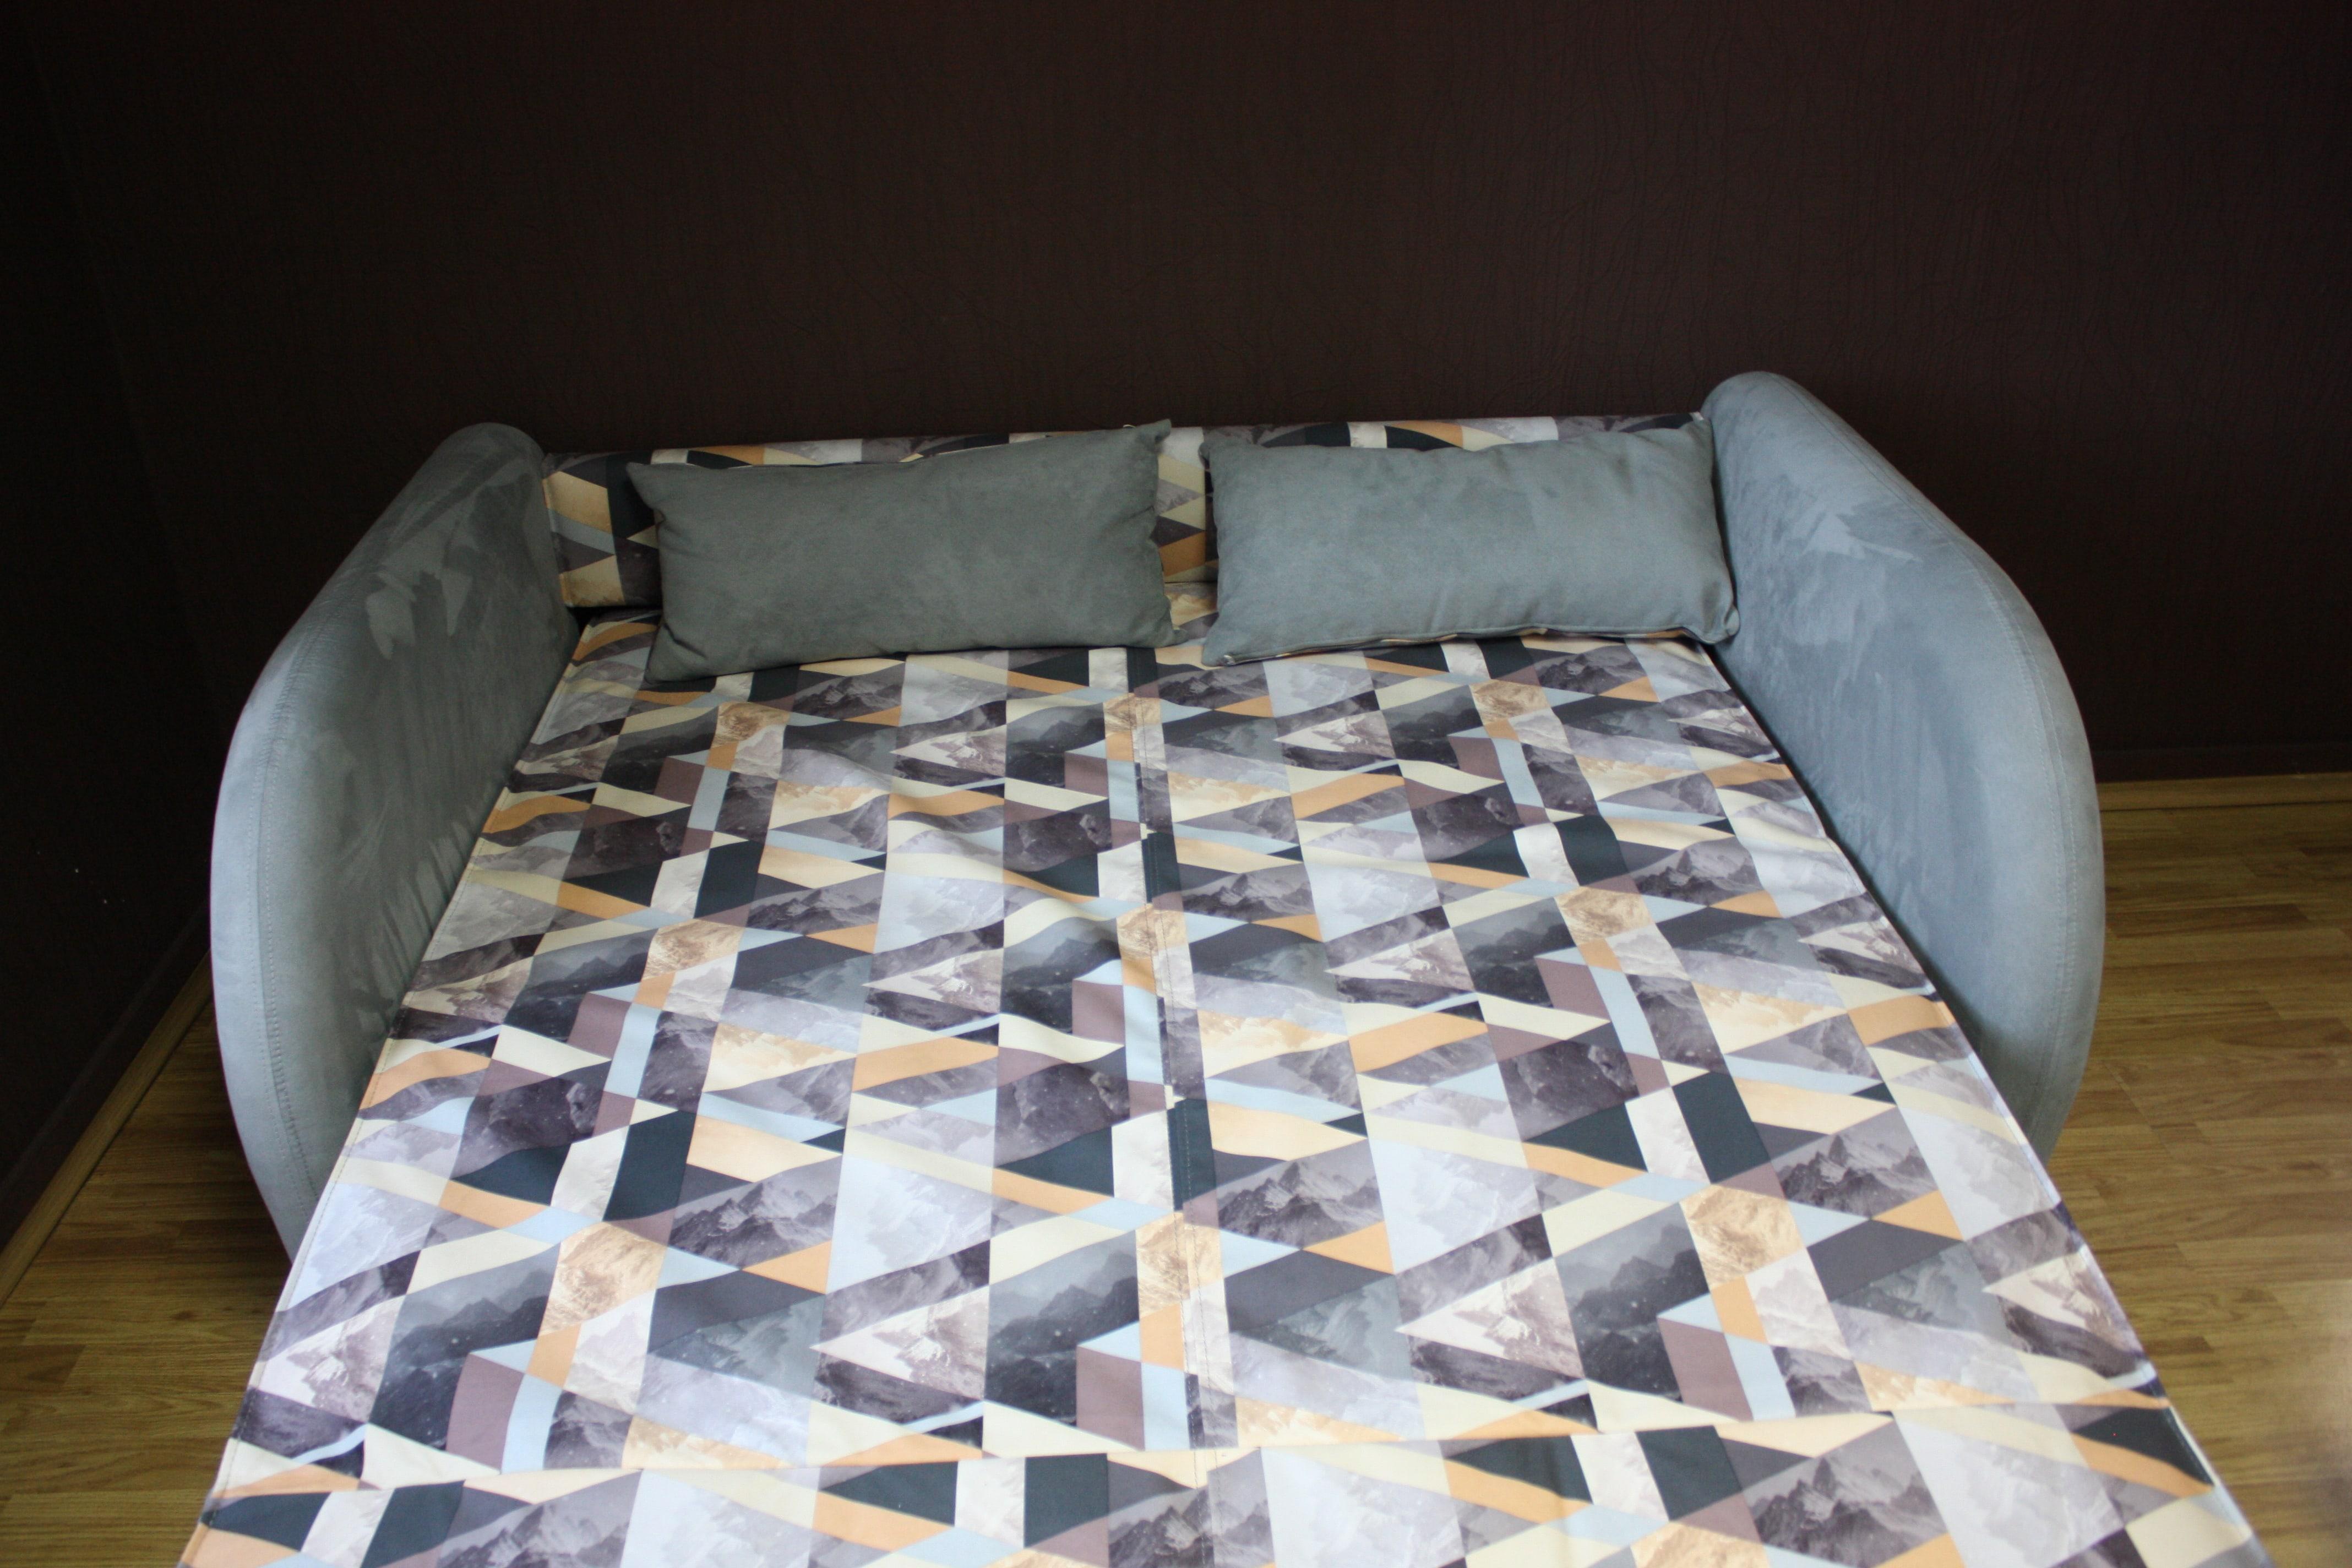 Диван-кровать Max (Макс), 140х200 см, Snow Brown/Sofia Grey (РАСПРОДАЖА)